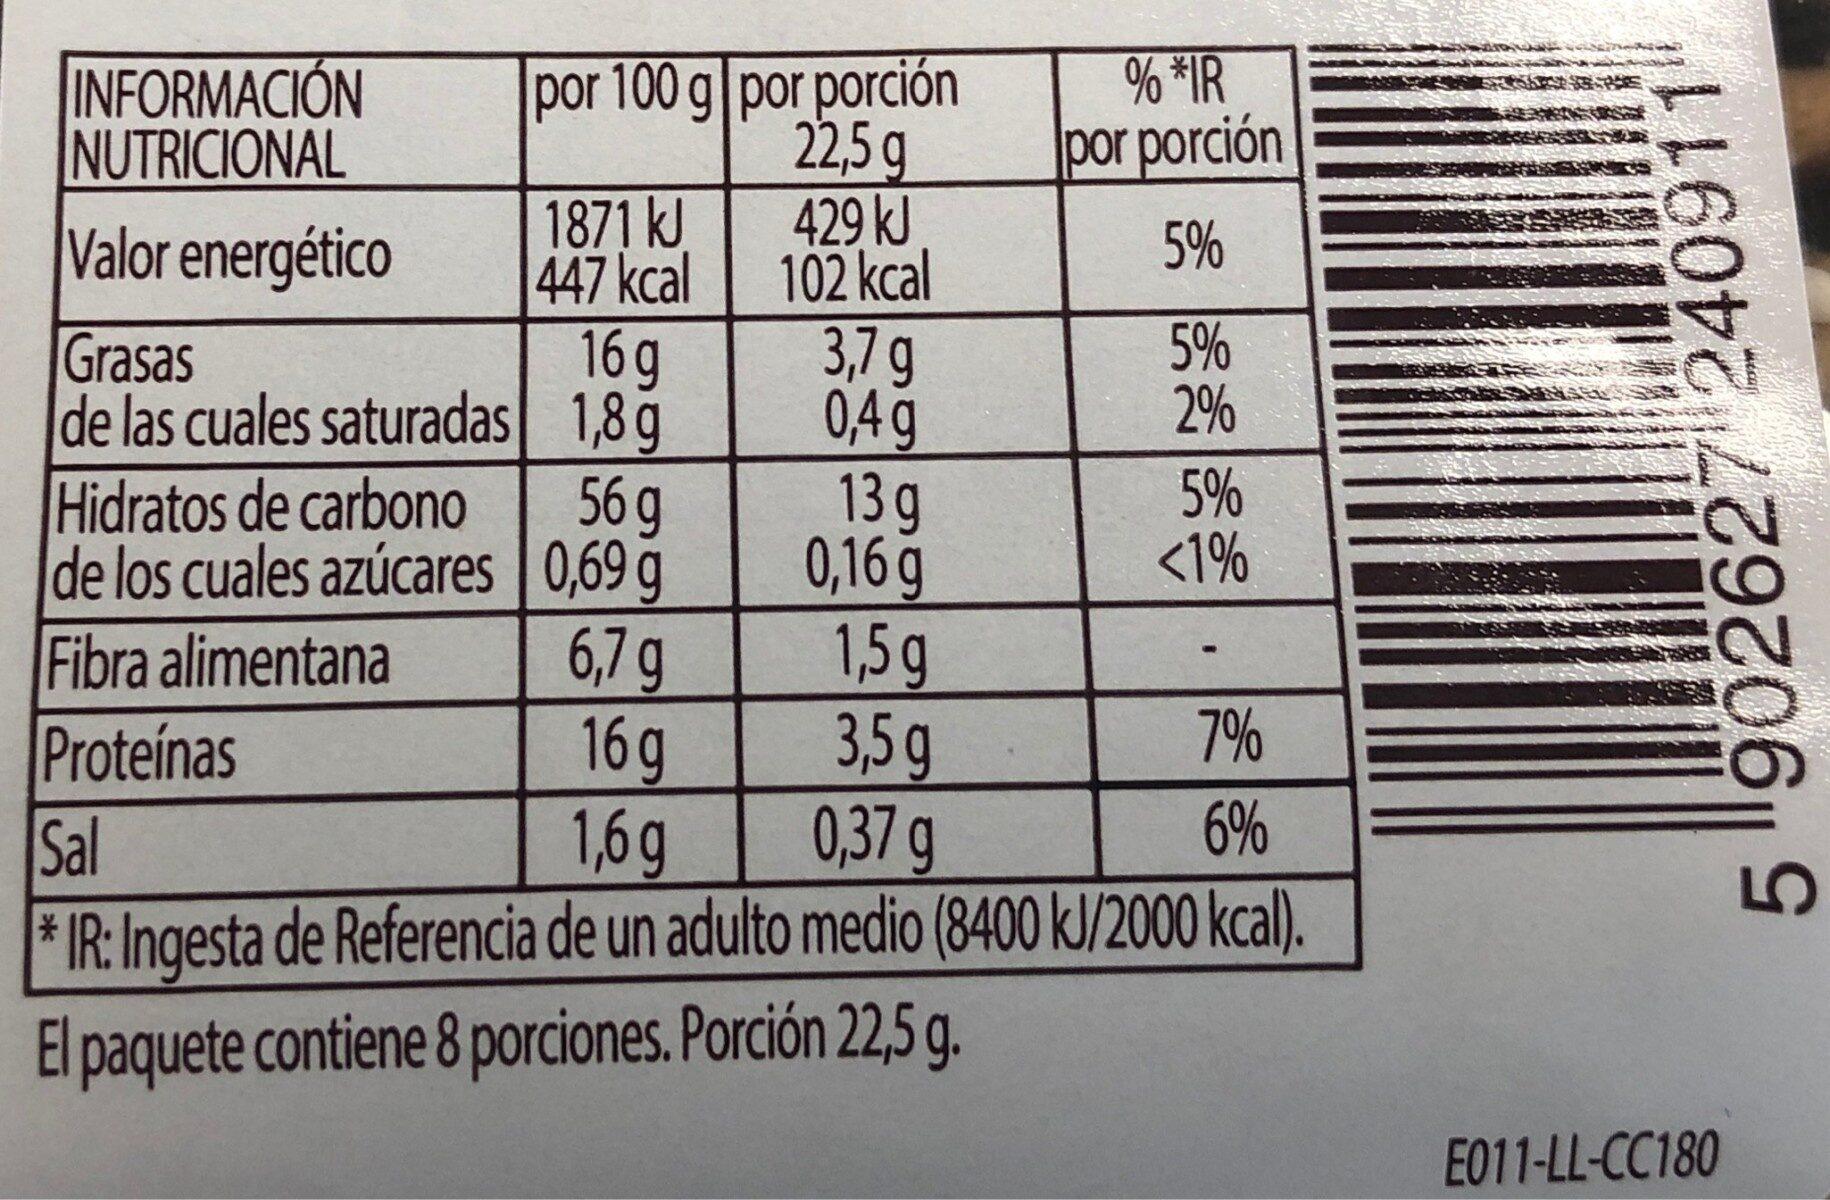 Pan crujiente con 3 semillas - Informació nutricional - es